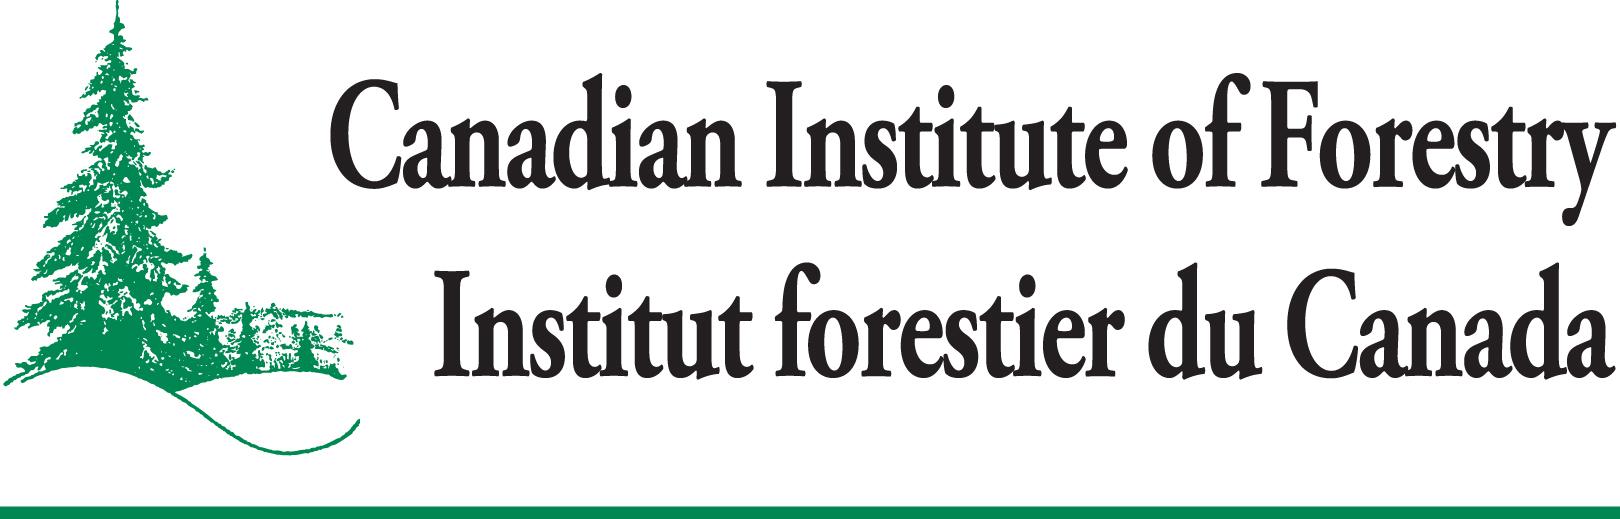 CIF_IFC_Logo_PMS_348